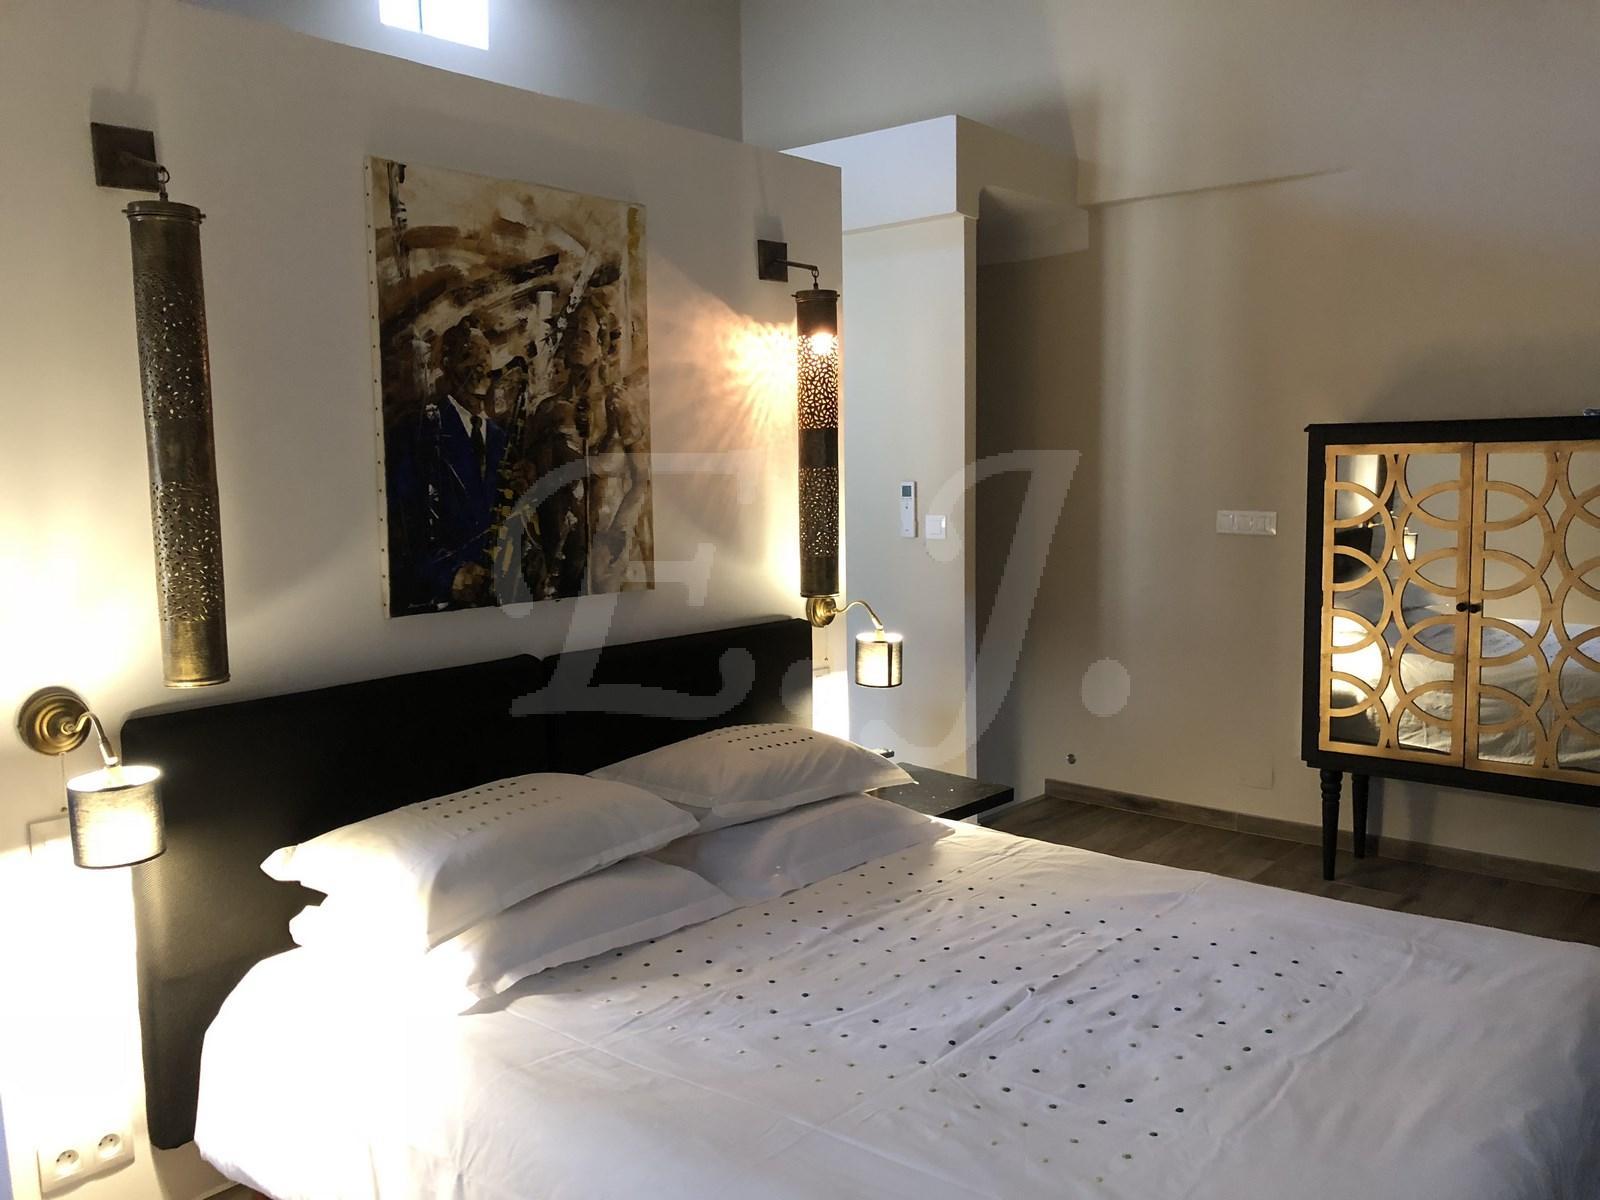 A vendre à Robion maison de village avec appartement indépendant idéal revenus locatifs